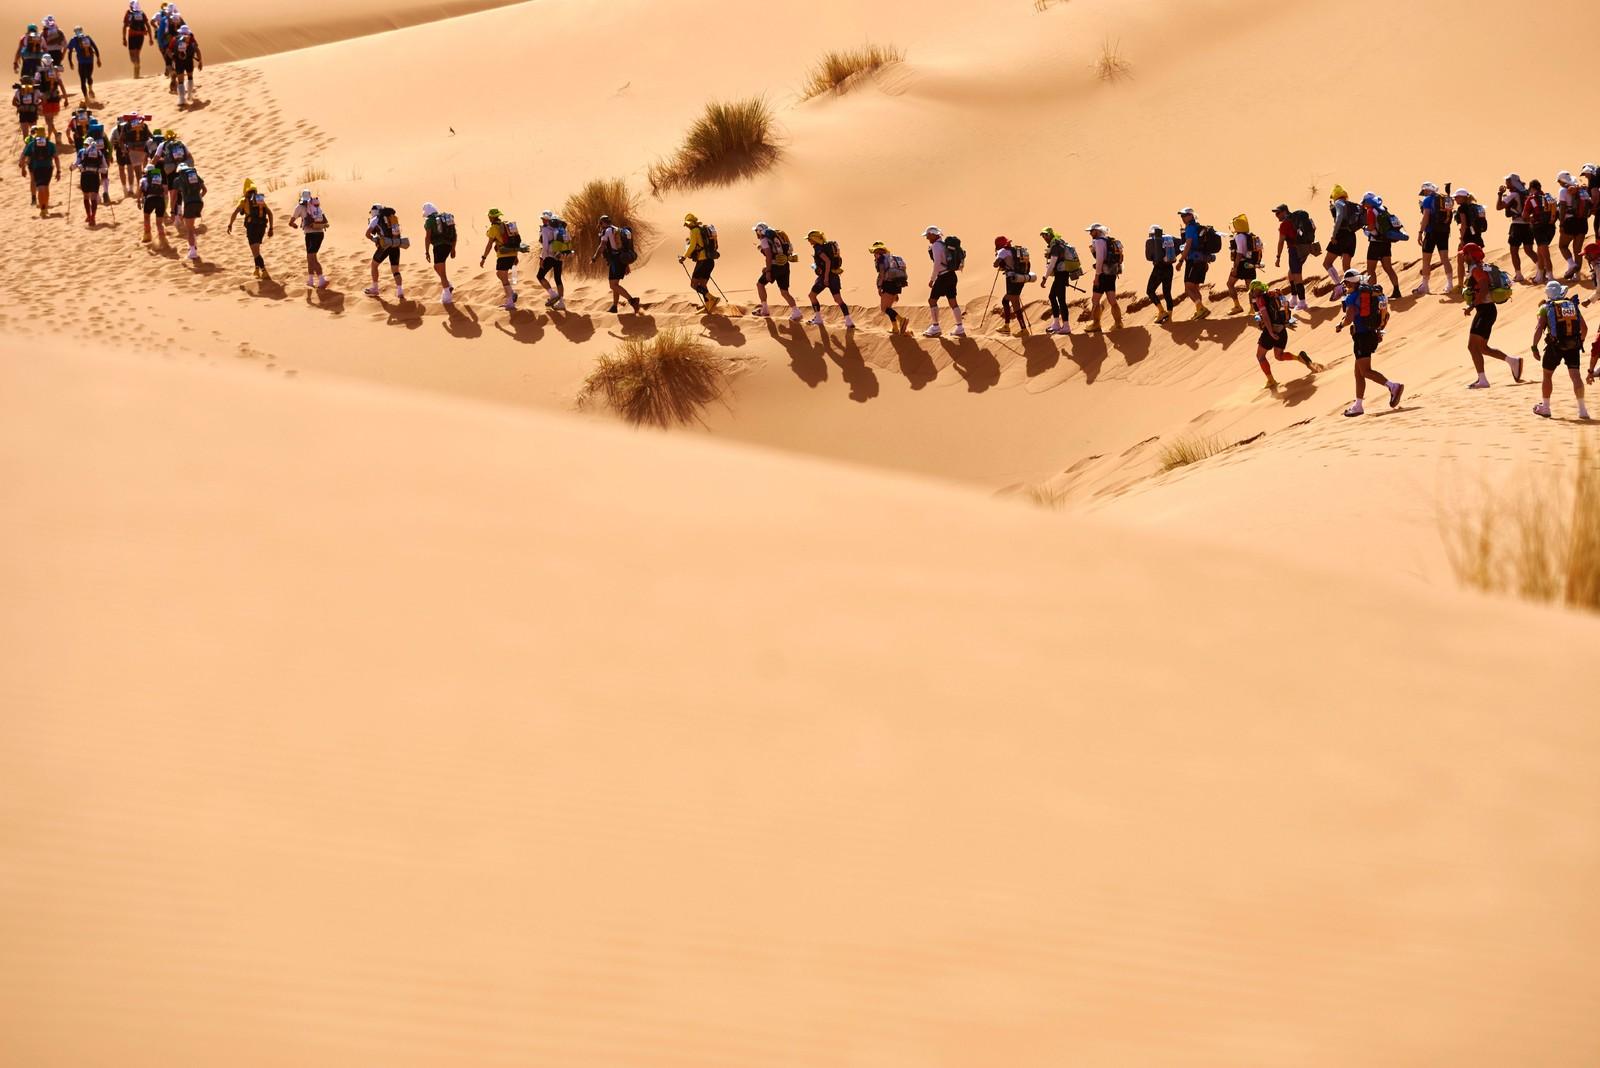 LANG, LANG REKKE: Deltakerne i ultraløpet Marathon des Sables som foregår i Saharaørkenen sør i Marokko. Løpet er 257 km langt og går over seks dager. Deltakerne må bære med seg alt de trenger for å gjennomføre løpet, deriblant mat, i en sekk på ryggen, bortsett fra vann. Marathon des Sables blir regnet for å være verdens tøffeste løp. Starten gikk søndag 10. april. Marokkanske Rachid El Morabity krysset mållinjen som den aller første fredag med en tid på litt over 21 timer.